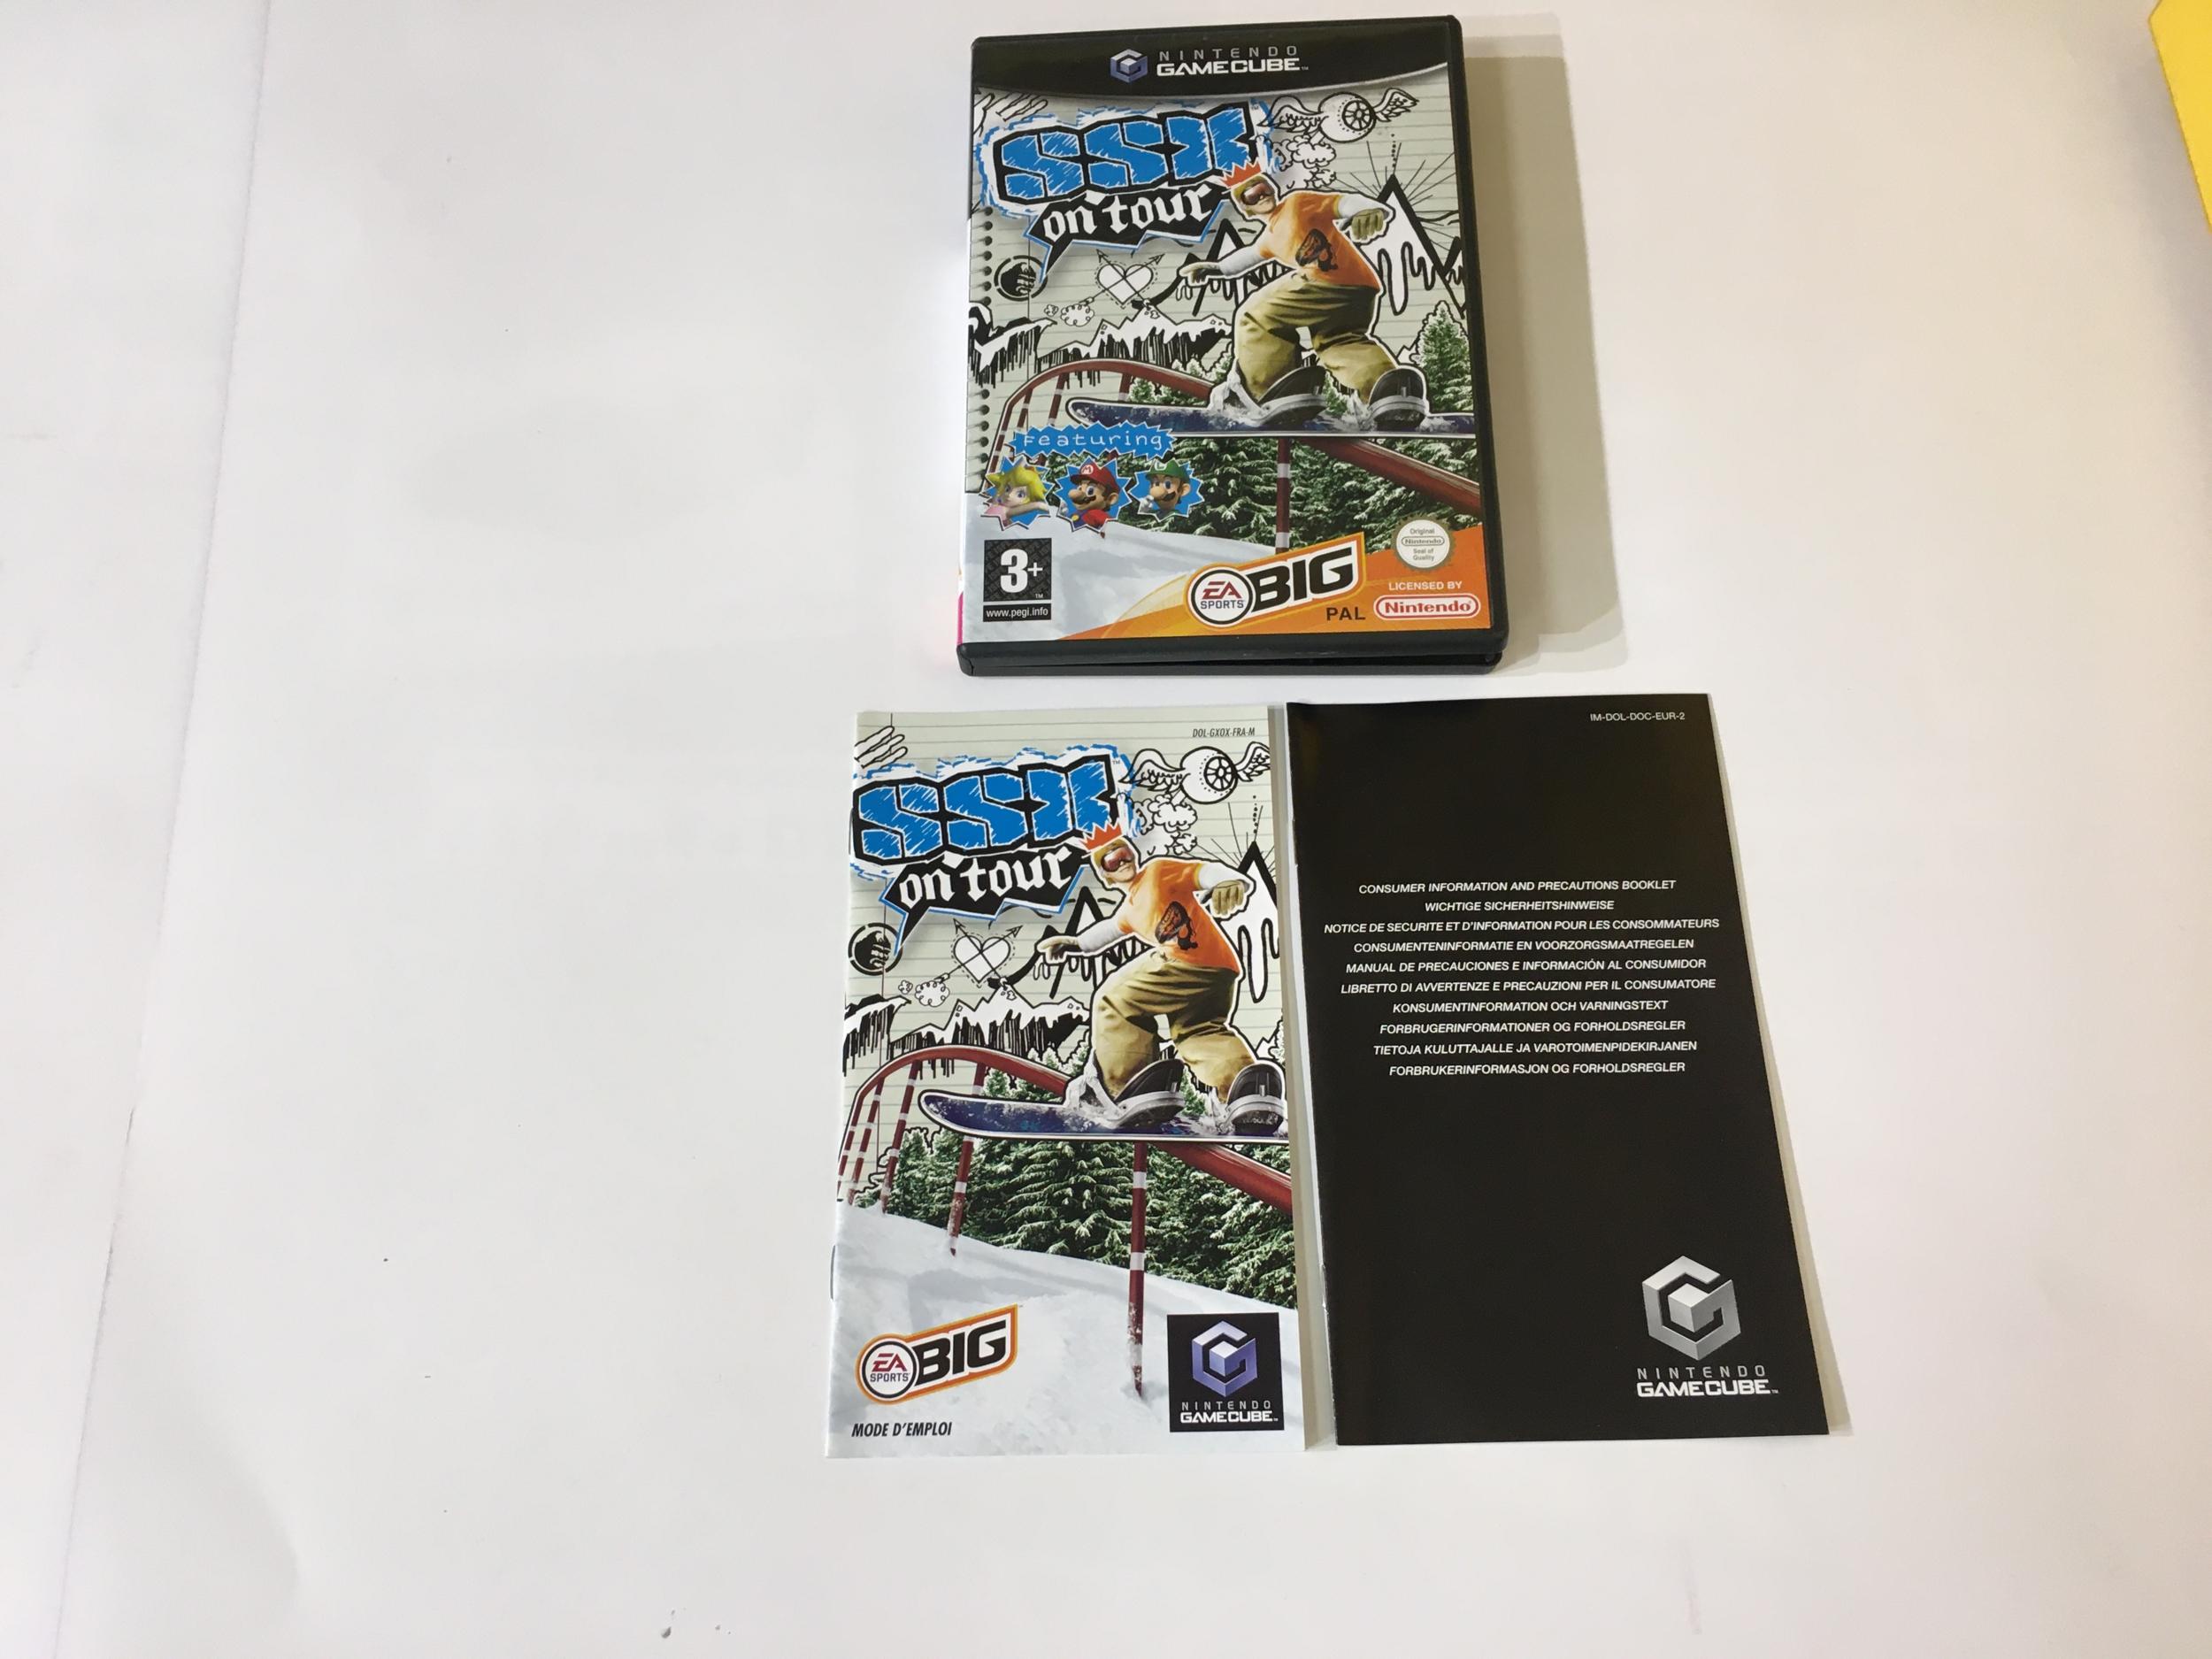 SSX On Tour Gamecube